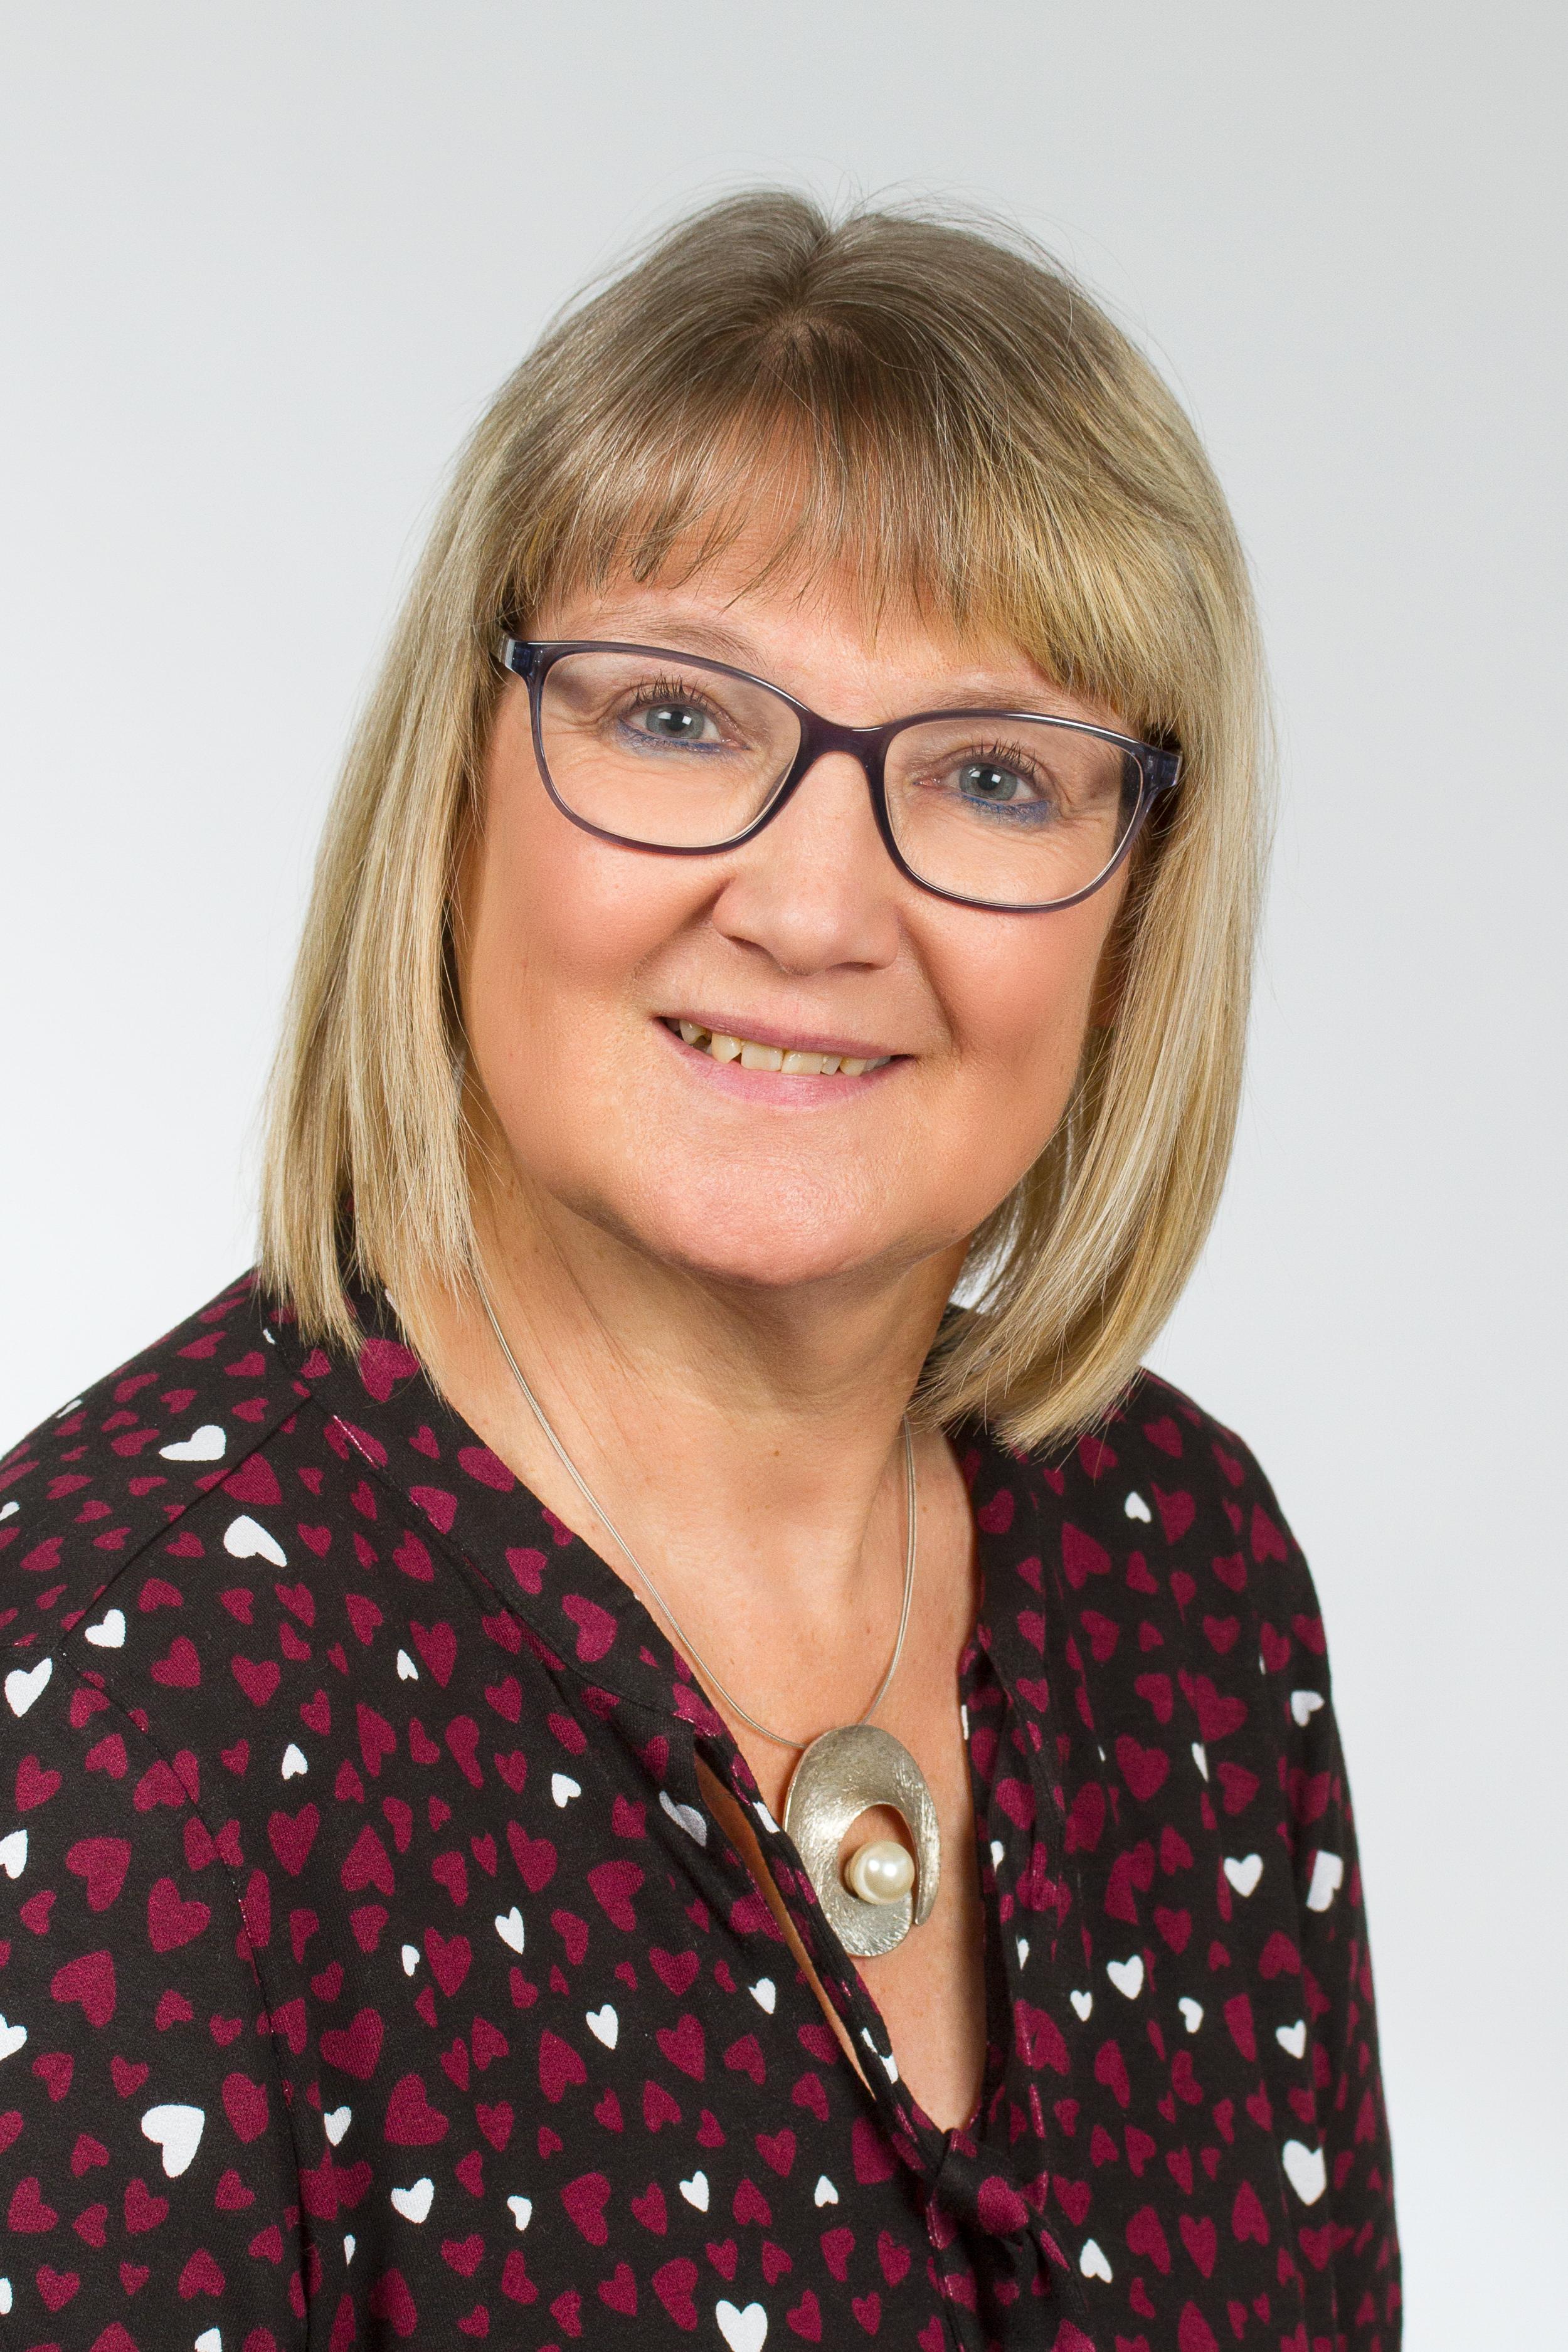 Birgit Beyer